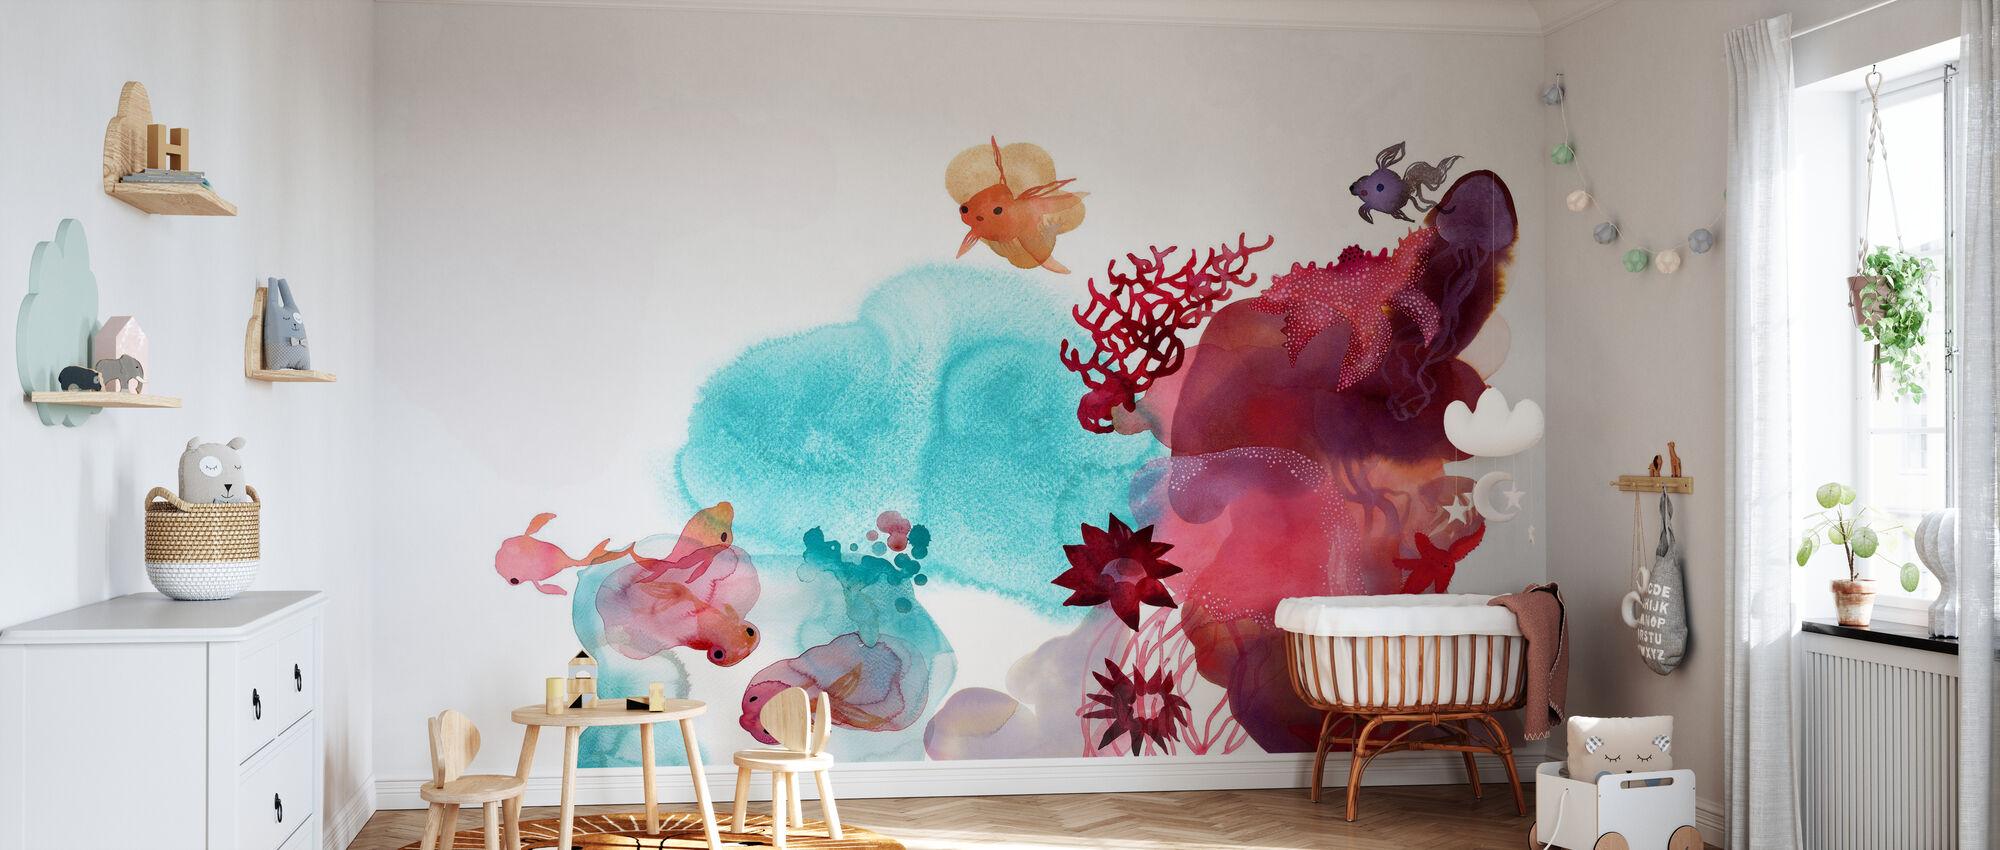 Vesi väri Koralli IV - Tapetti - Vauvan huone